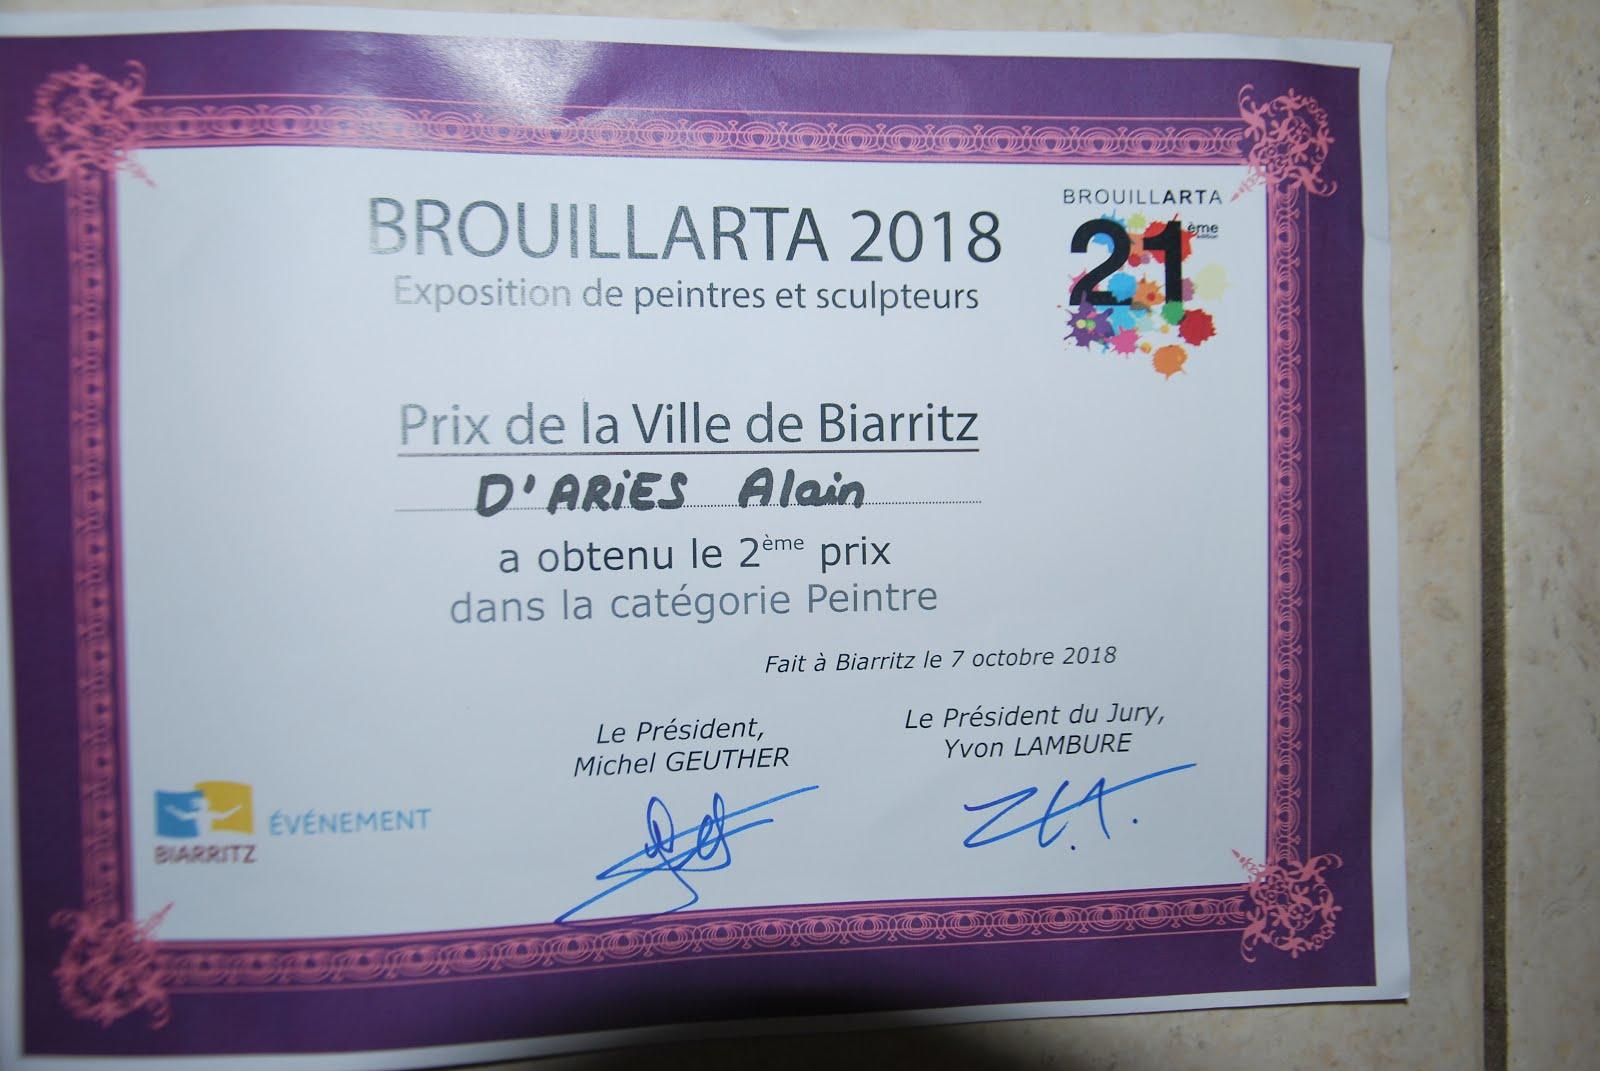 2è prix ville de Biarritz Brouillarta 2018